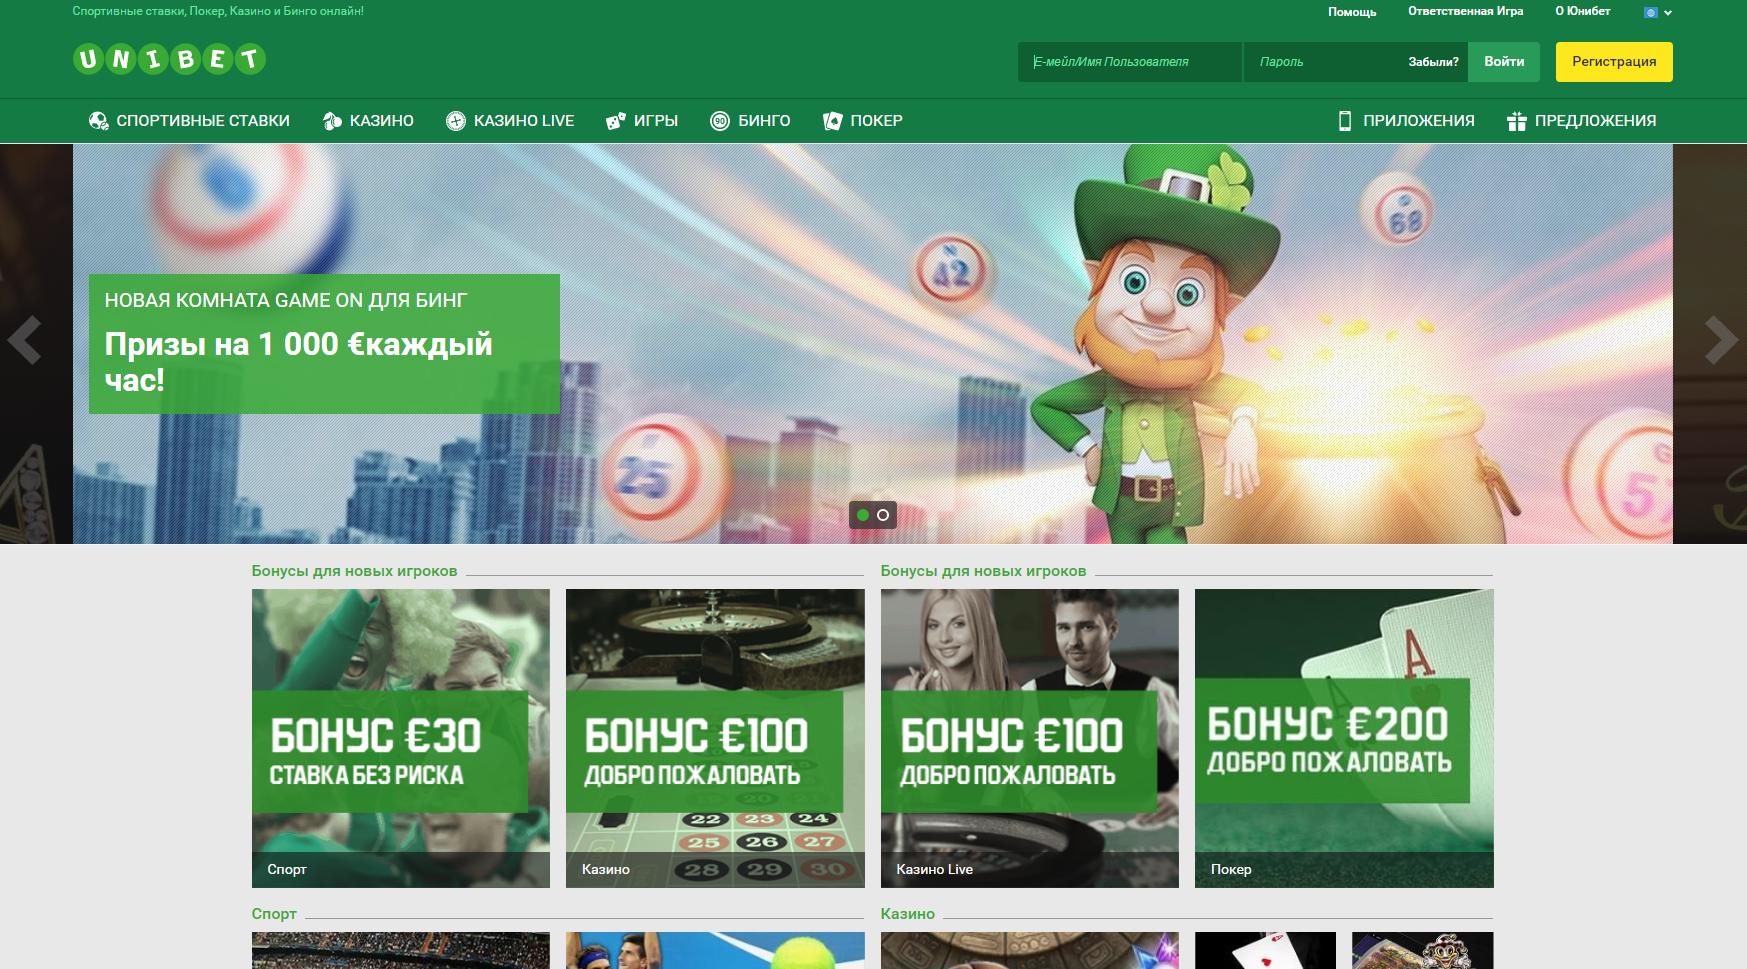 Официальный сайт букмекерской конторы Unibet